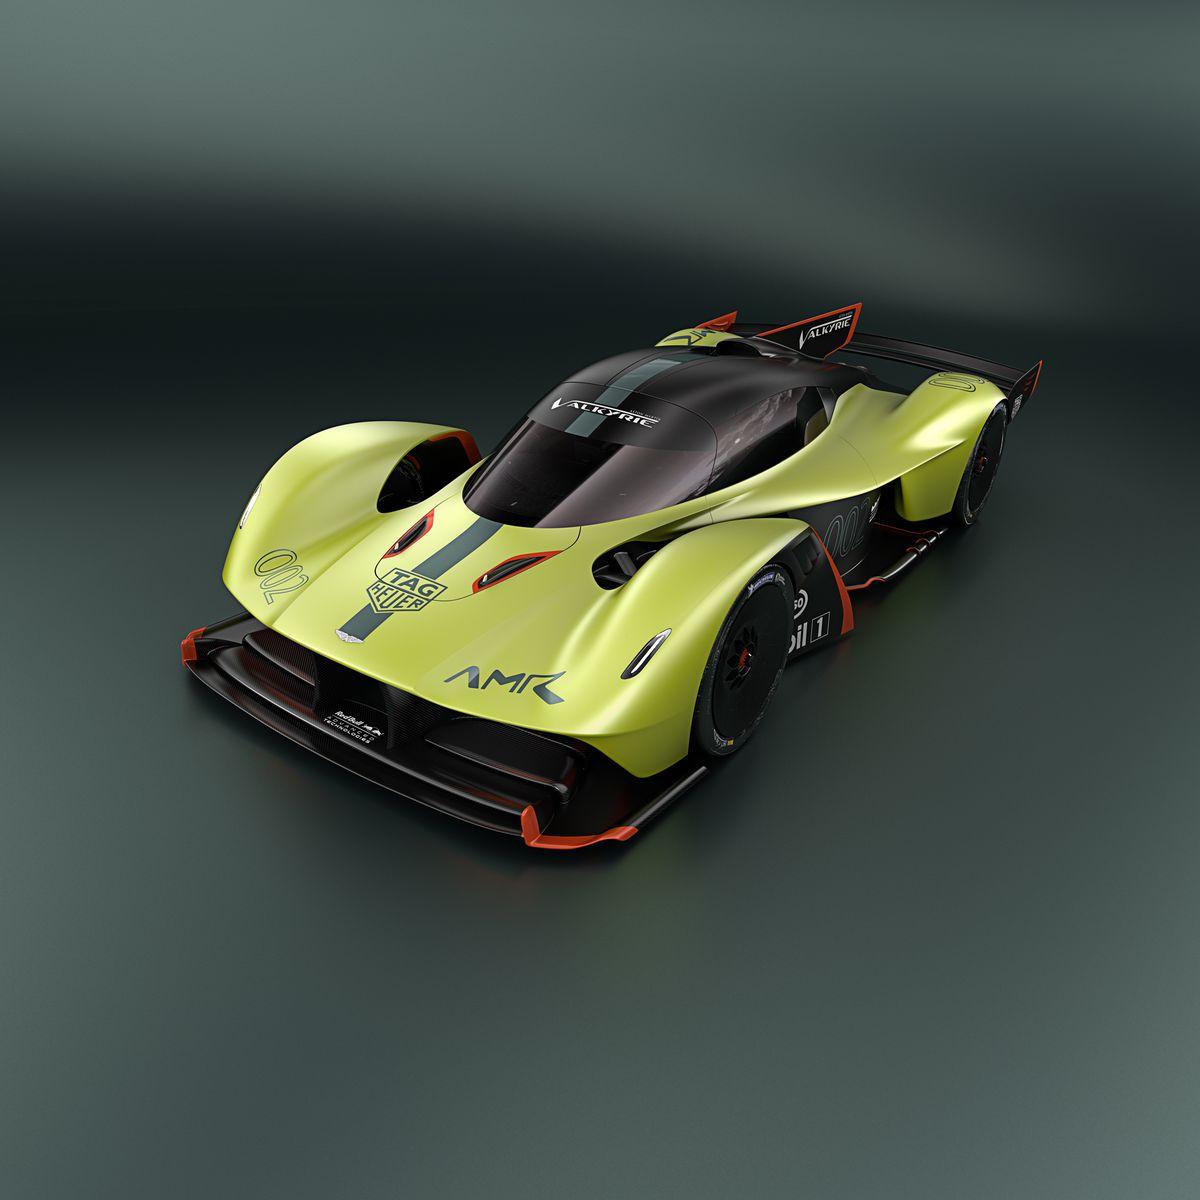 Aston Martin Race Car: Aston Martin's New Hypercar Is An 1,100 Horsepower Asphalt